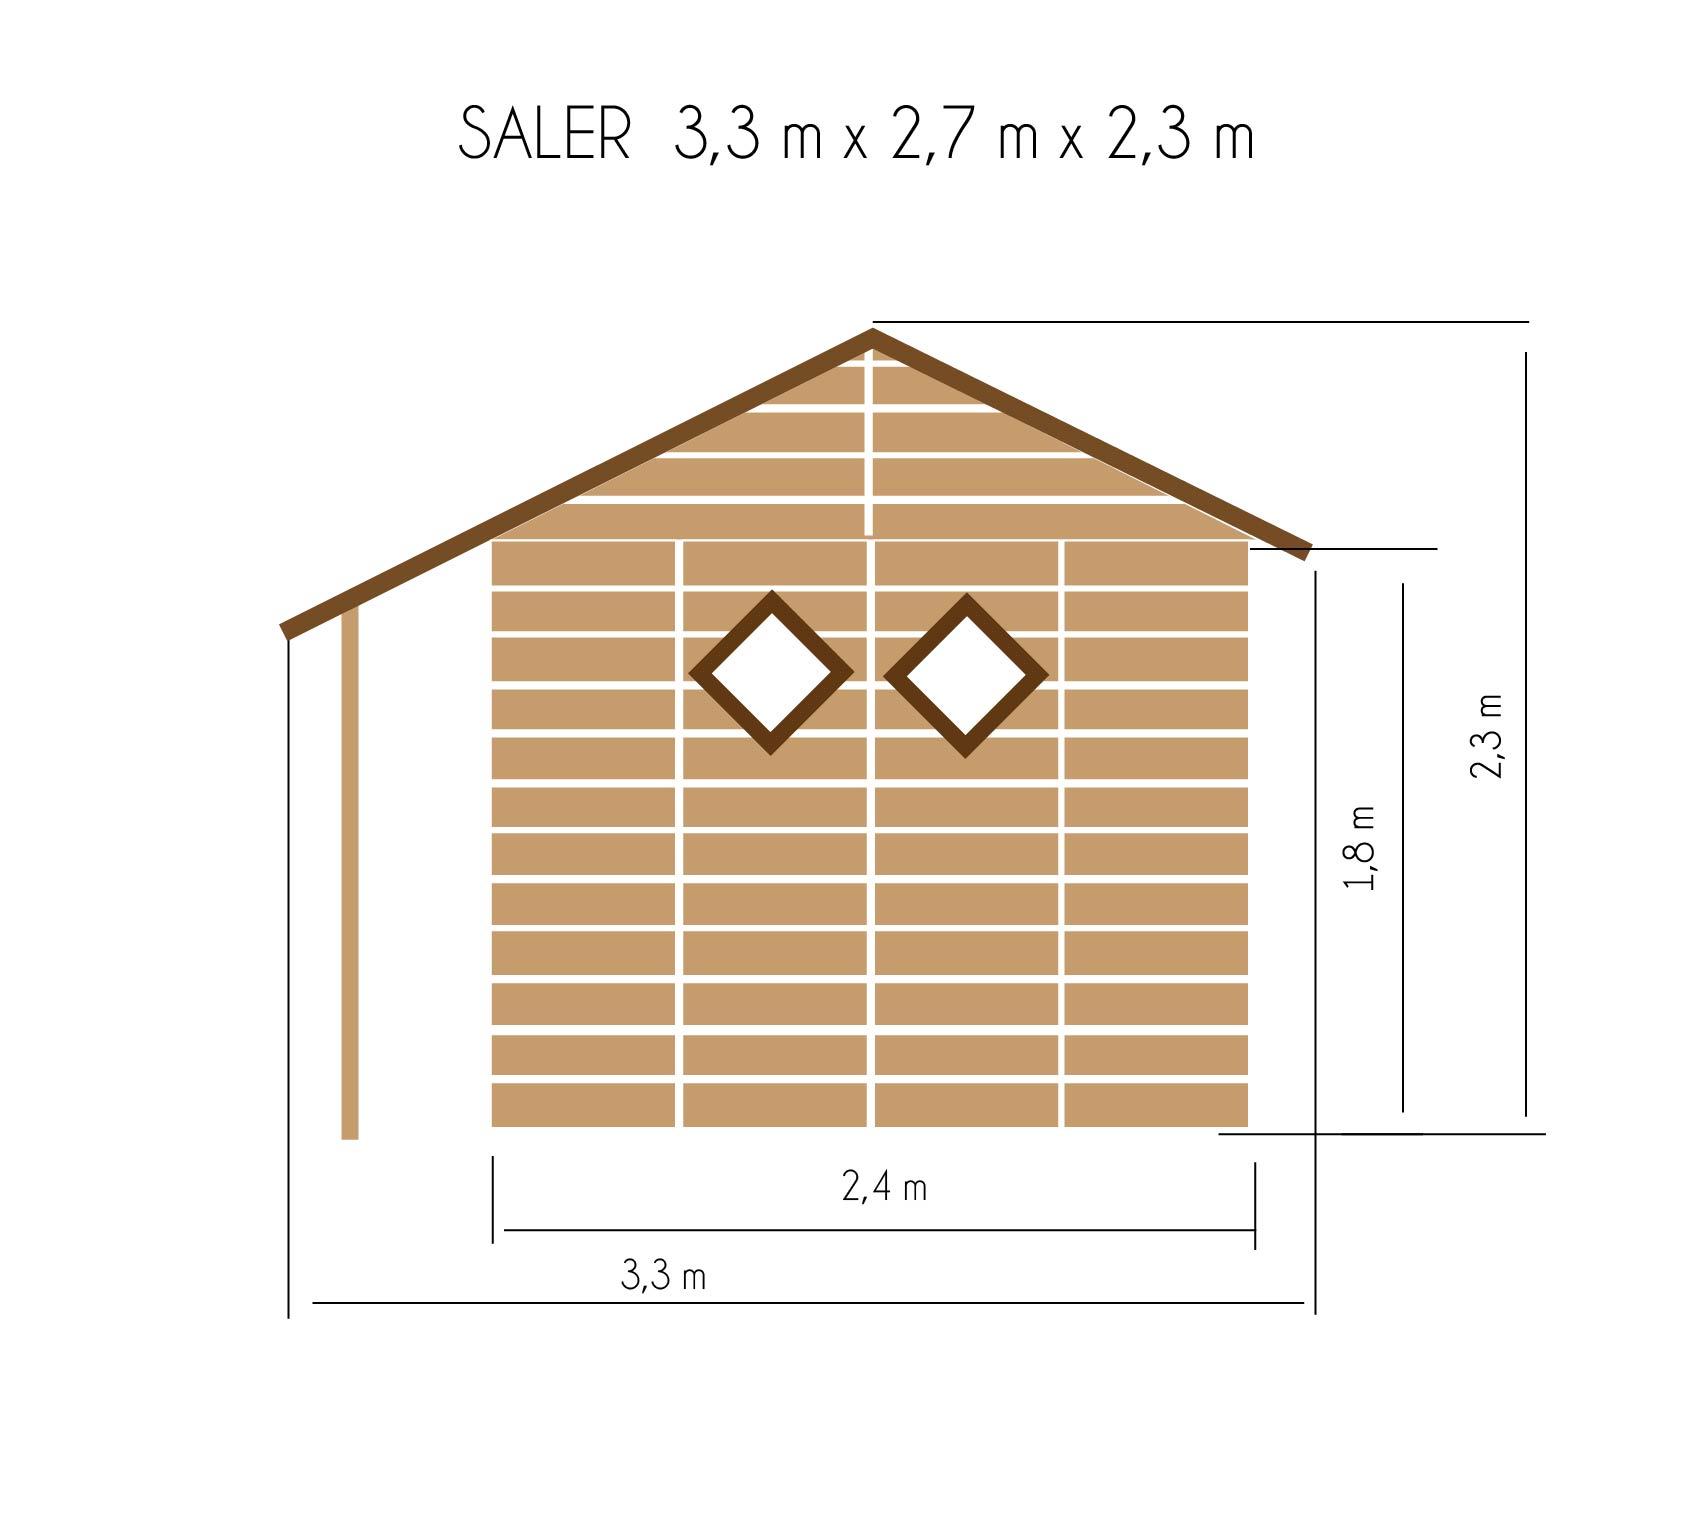 gartenh user bis 8 m2 gartenhaus aus holz 3 3m x 2 7m 19mm mit fenstern ger tehaus. Black Bedroom Furniture Sets. Home Design Ideas